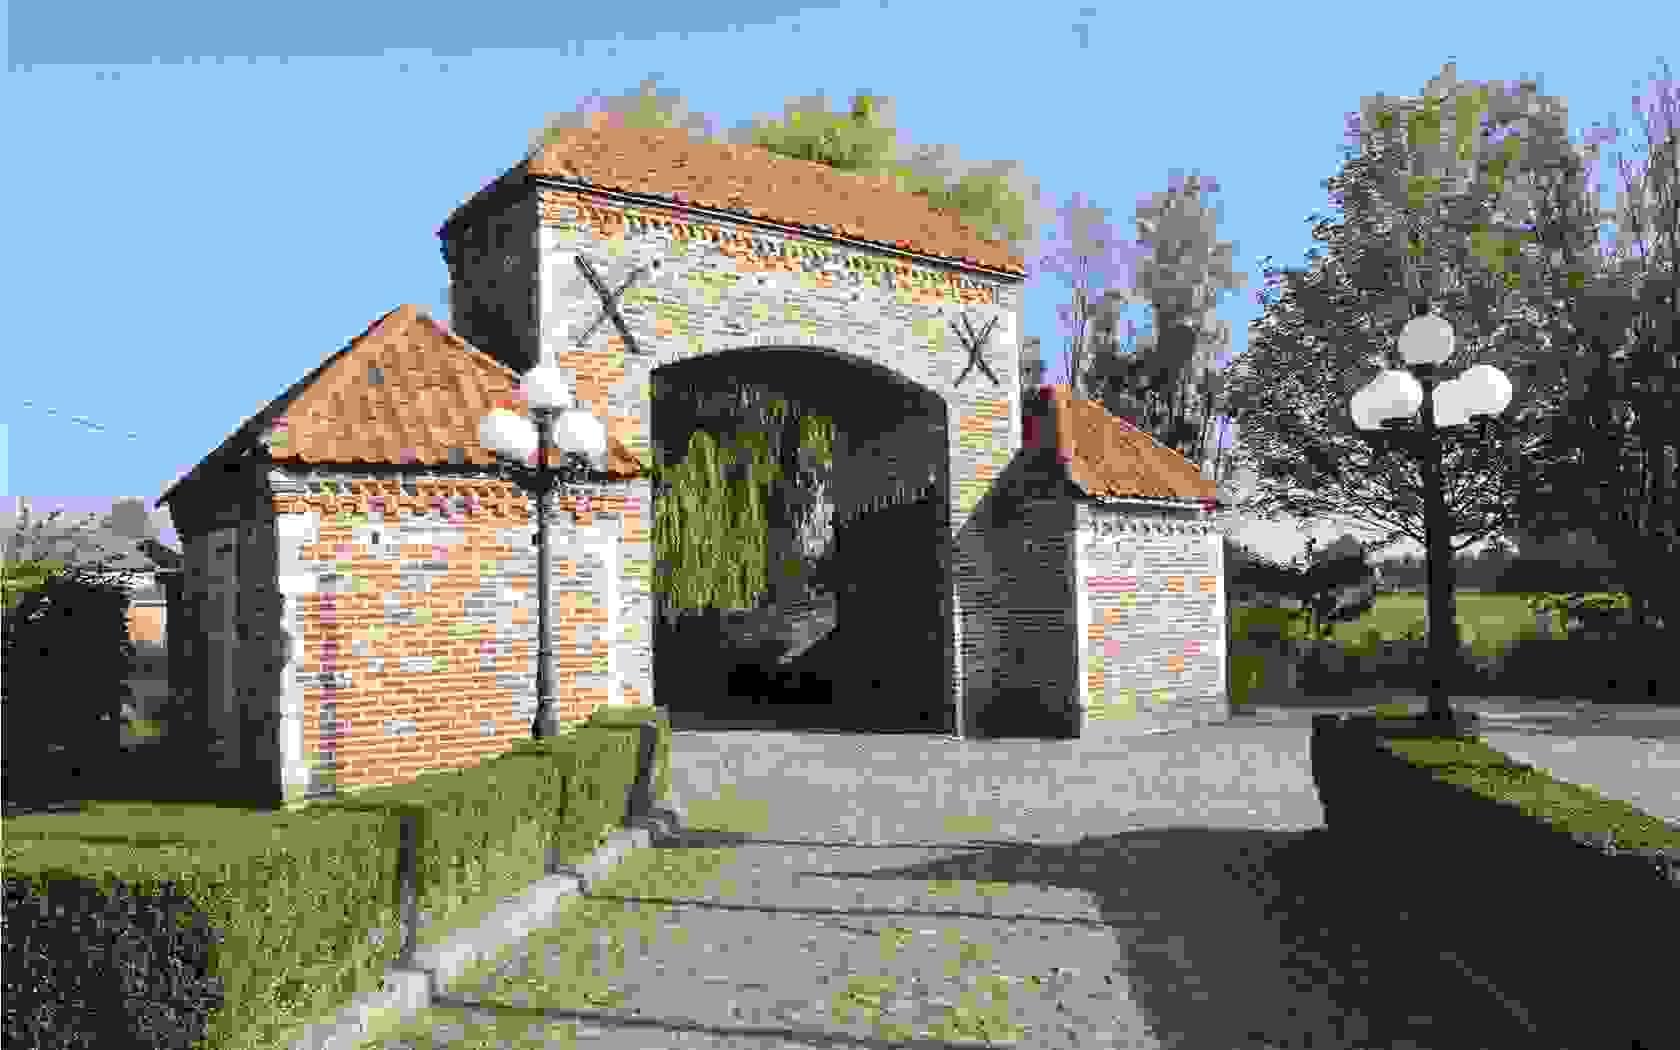 seminar Limburg - Een schitterende locatie voor een seminar in de omgeving van Limburg - De Waterhoek